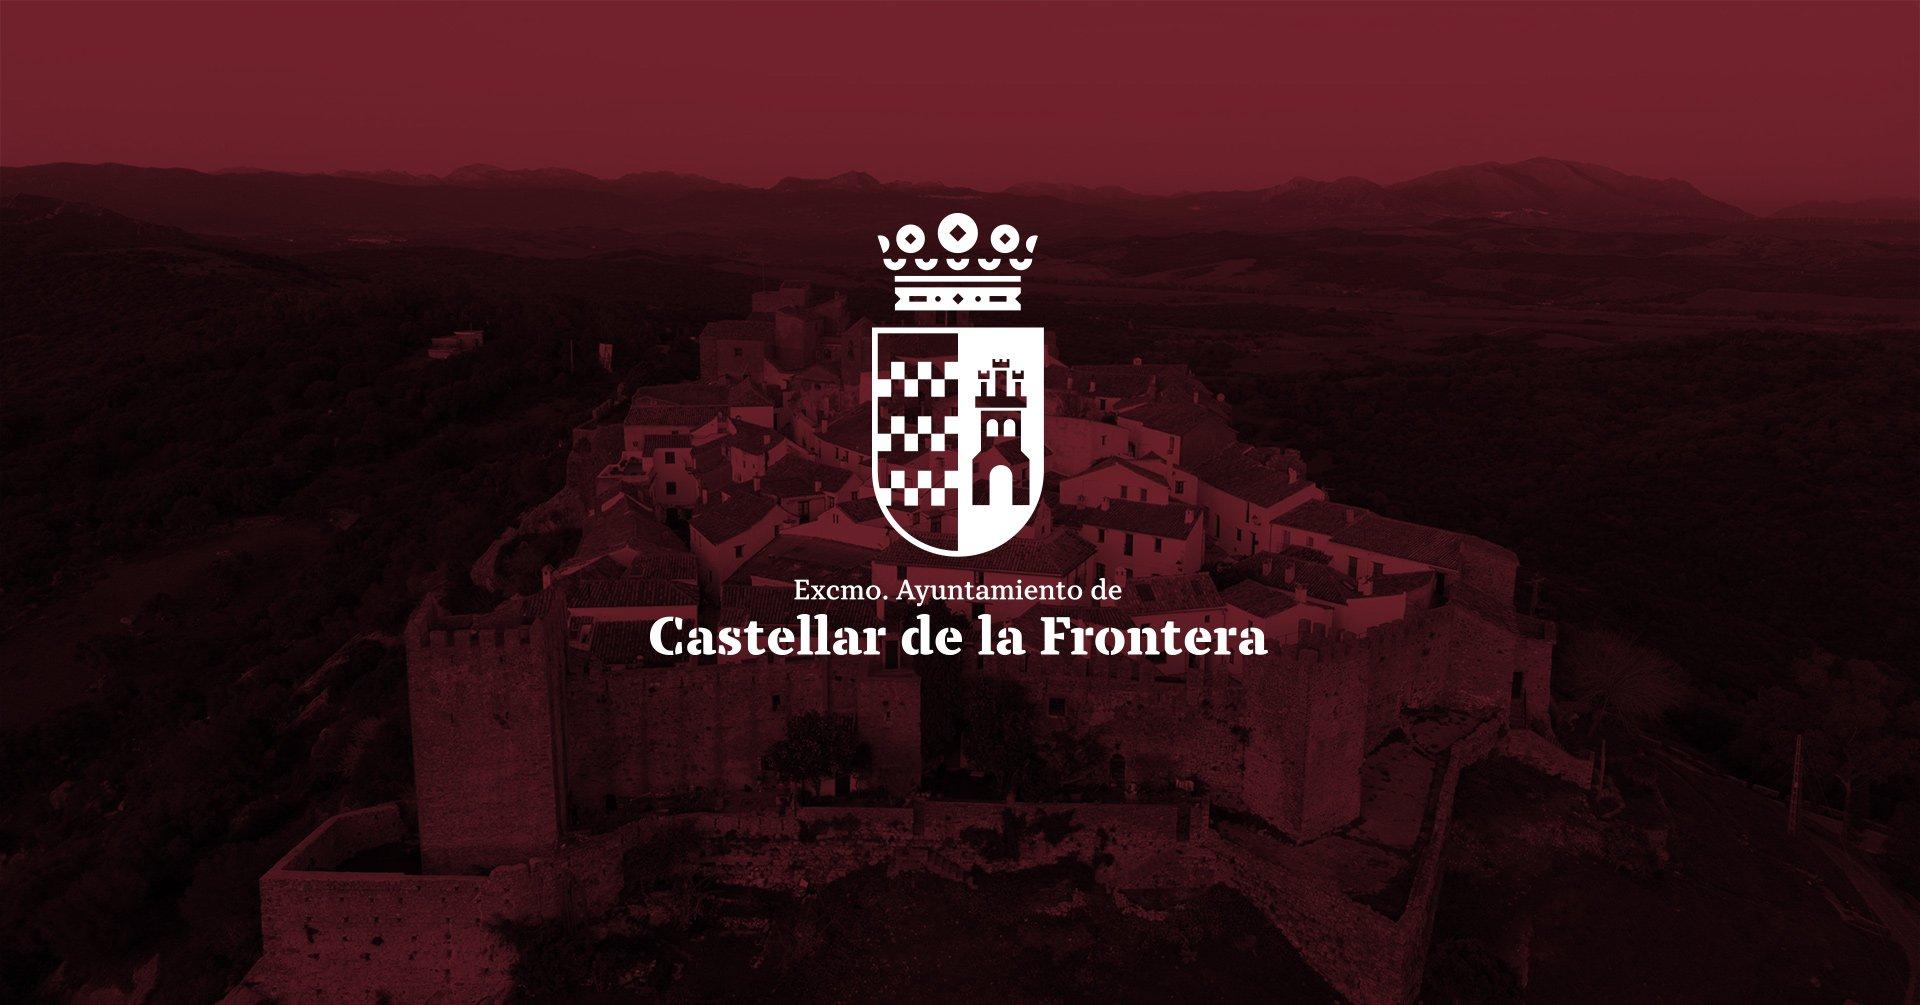 ayuntamiento-castellar-de-la-frontera